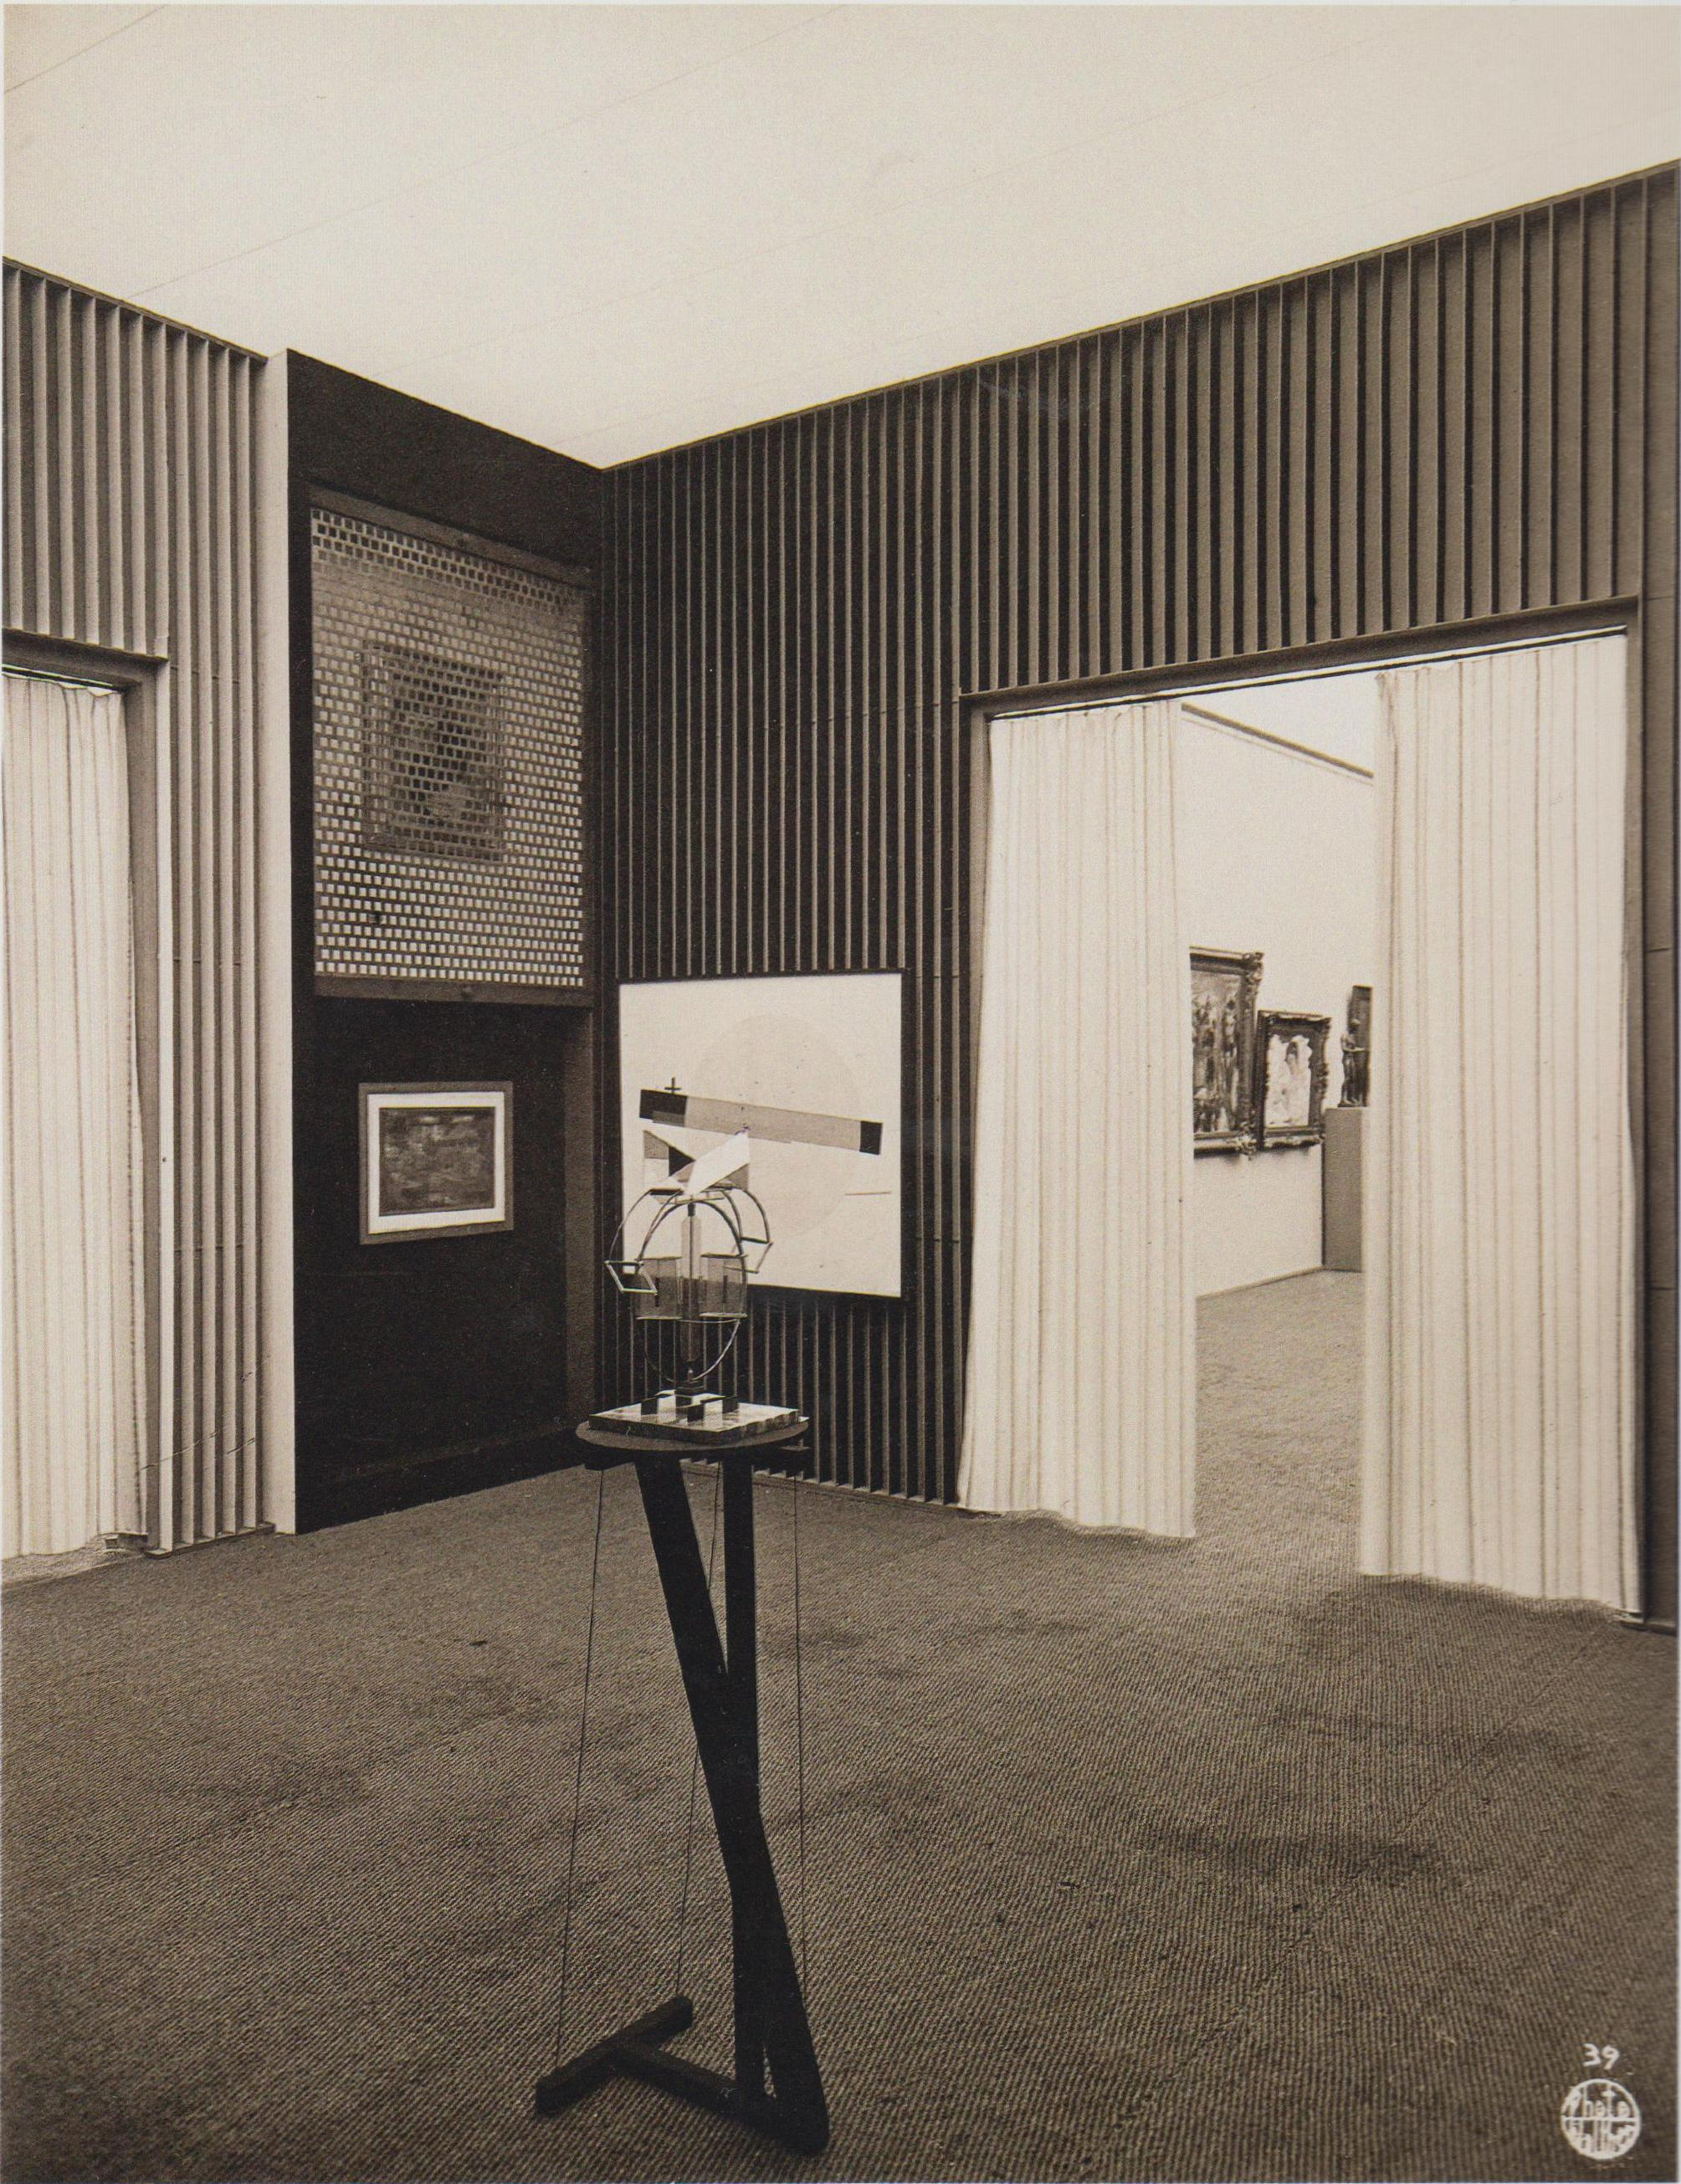 Интерьер зала конструктивного искусства на Международной художественной выставке в Дрездене. 1926